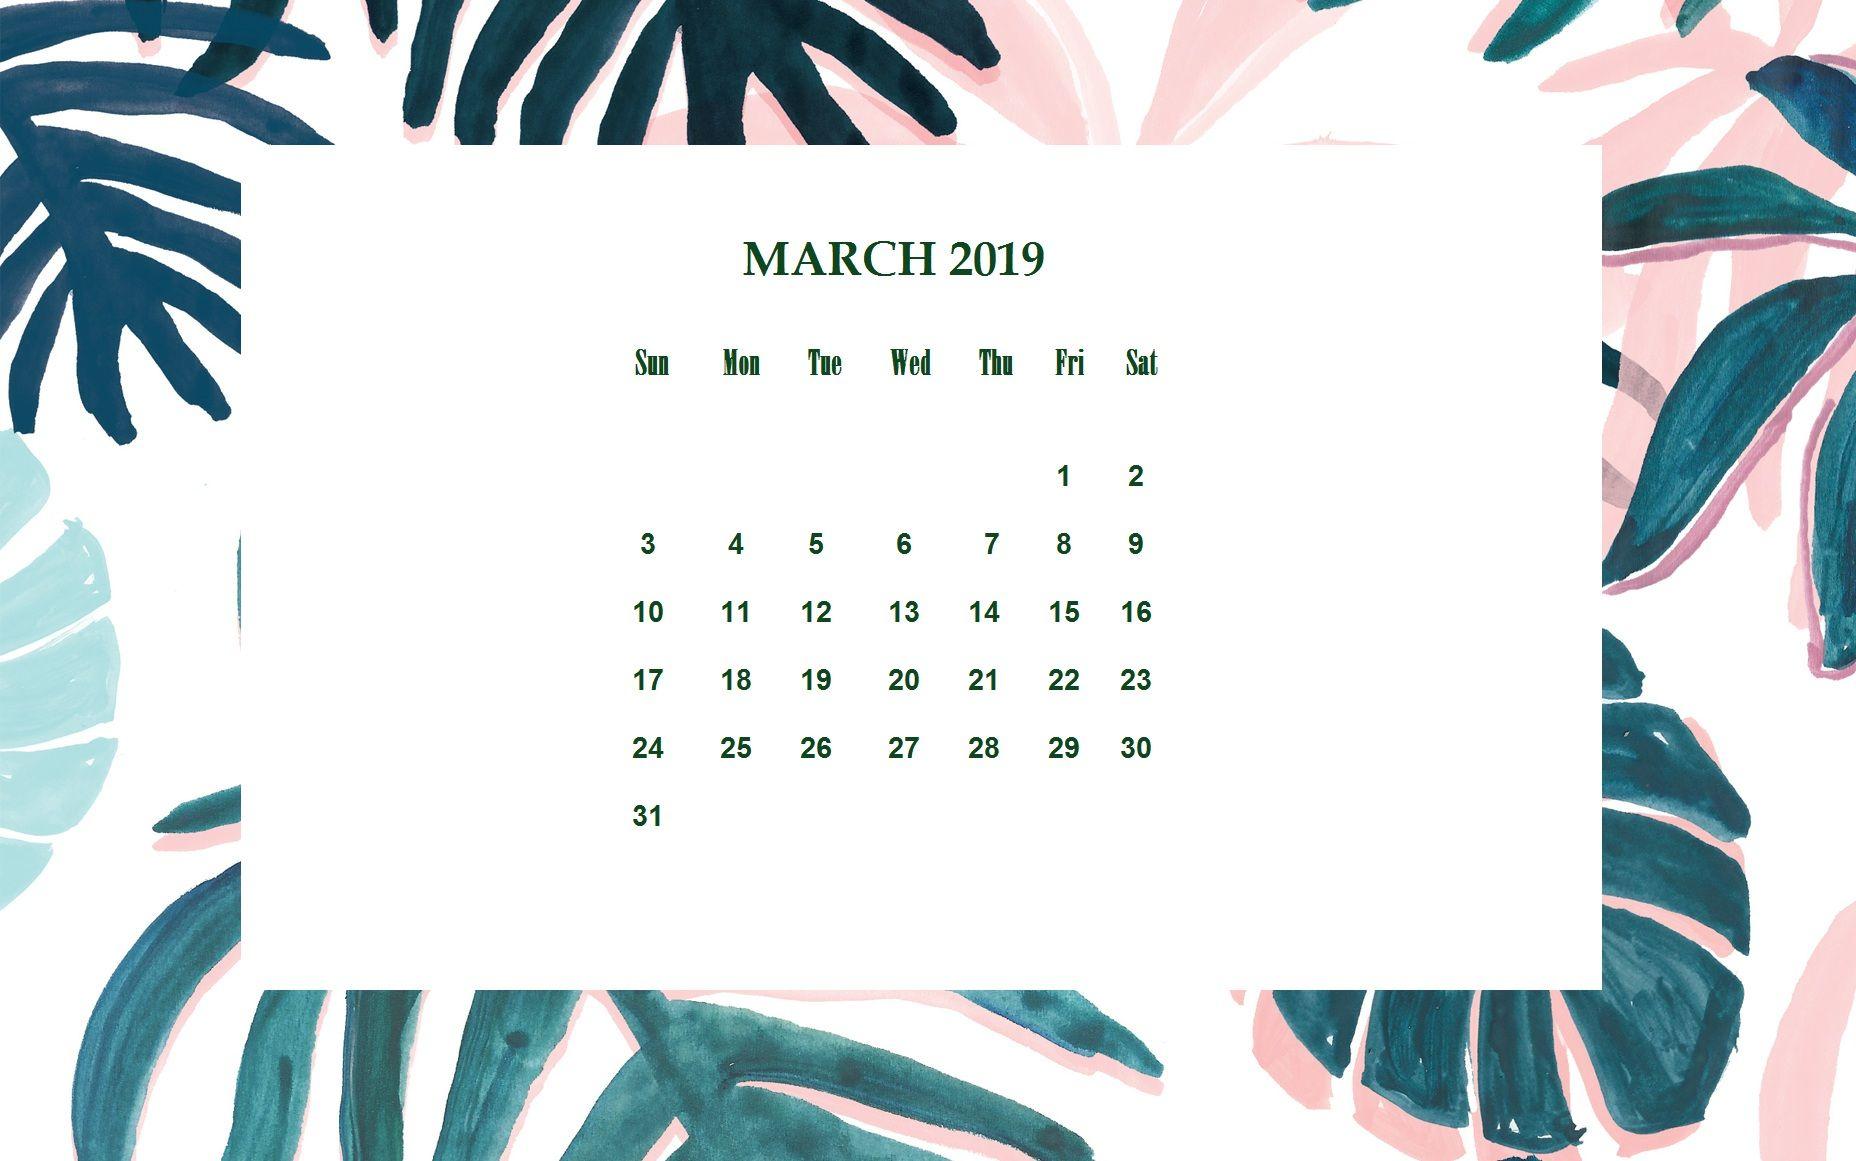 March 2019 Desktop Calendar Wallpaper Calendar 2018 In 2019